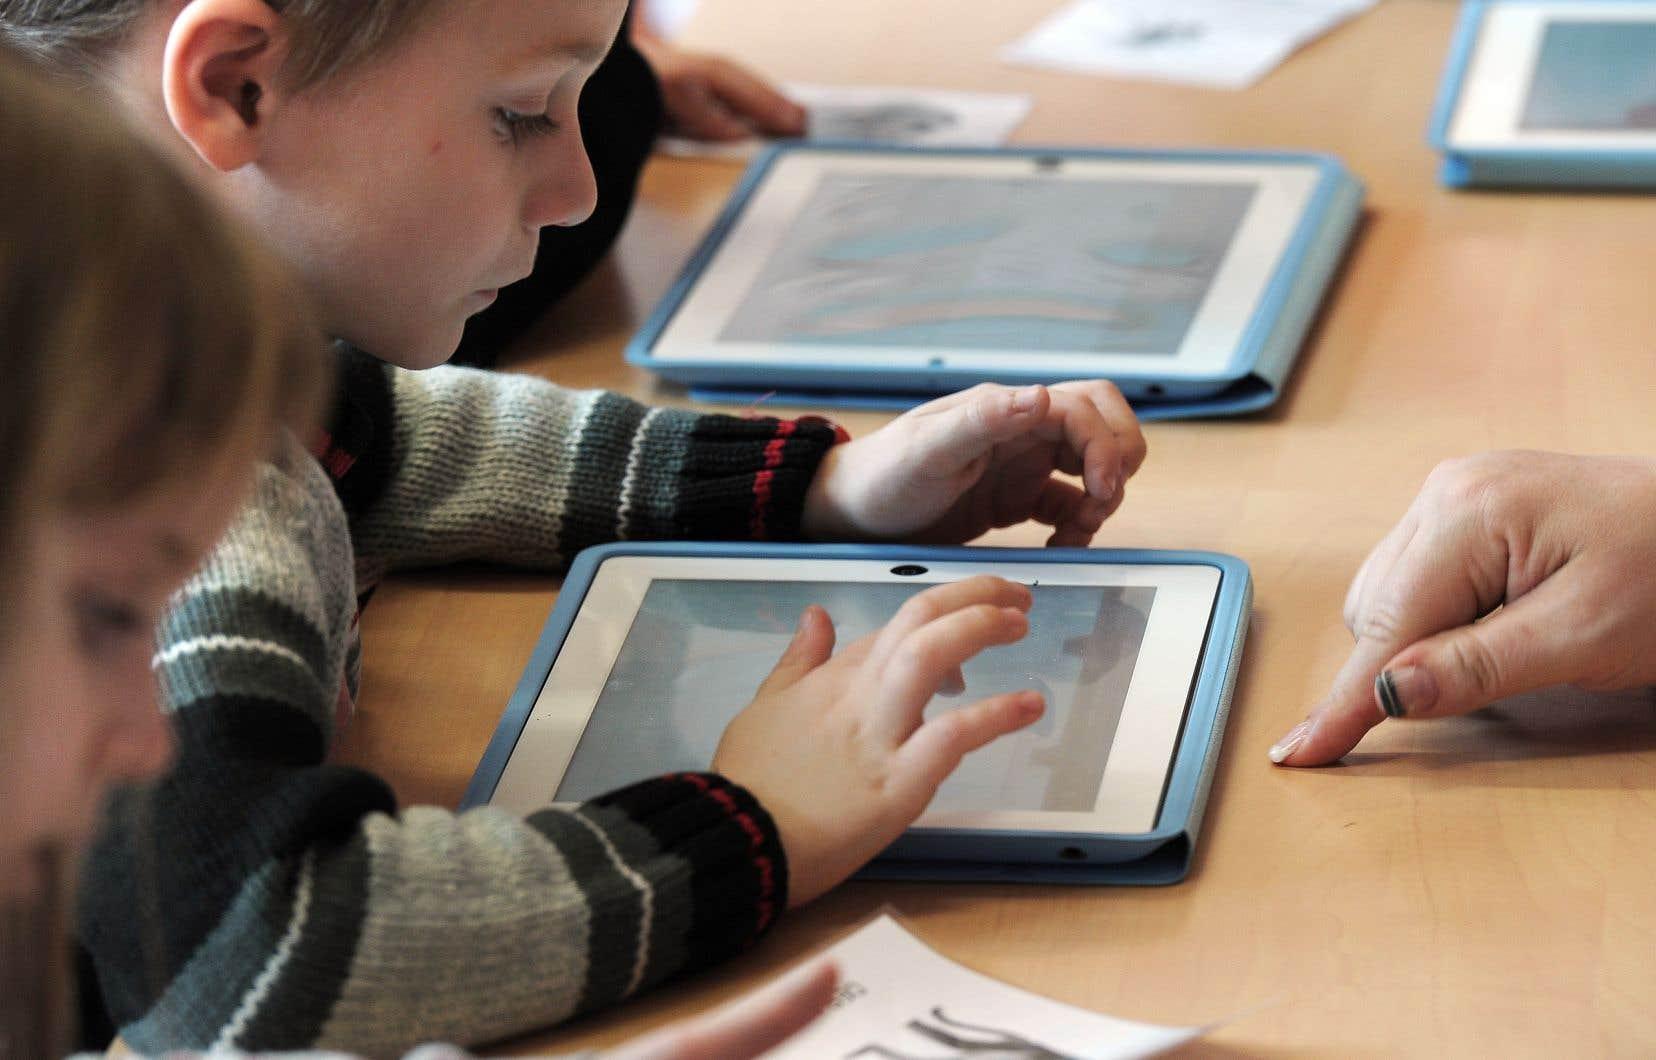 «Nous avons aussi la responsabilité de mettre nos expertises à la disposition des jeunes», estiment les auteurs.